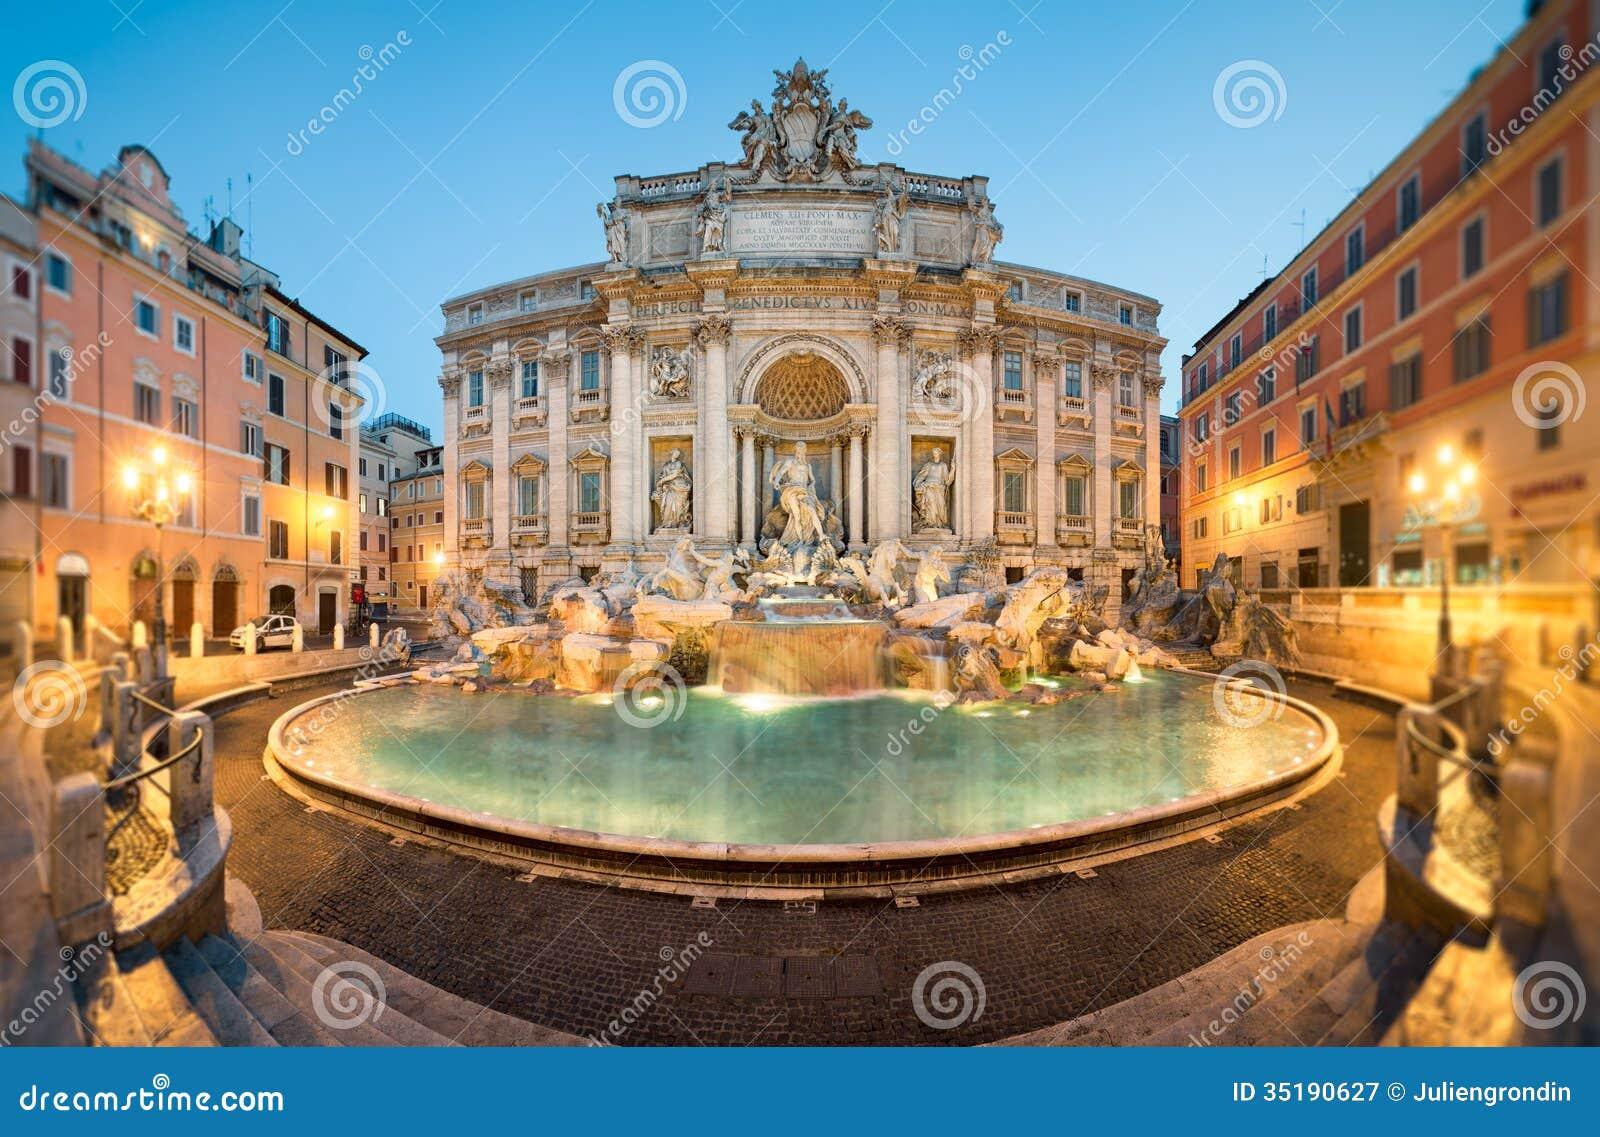 Фонтан Trevi, Рим